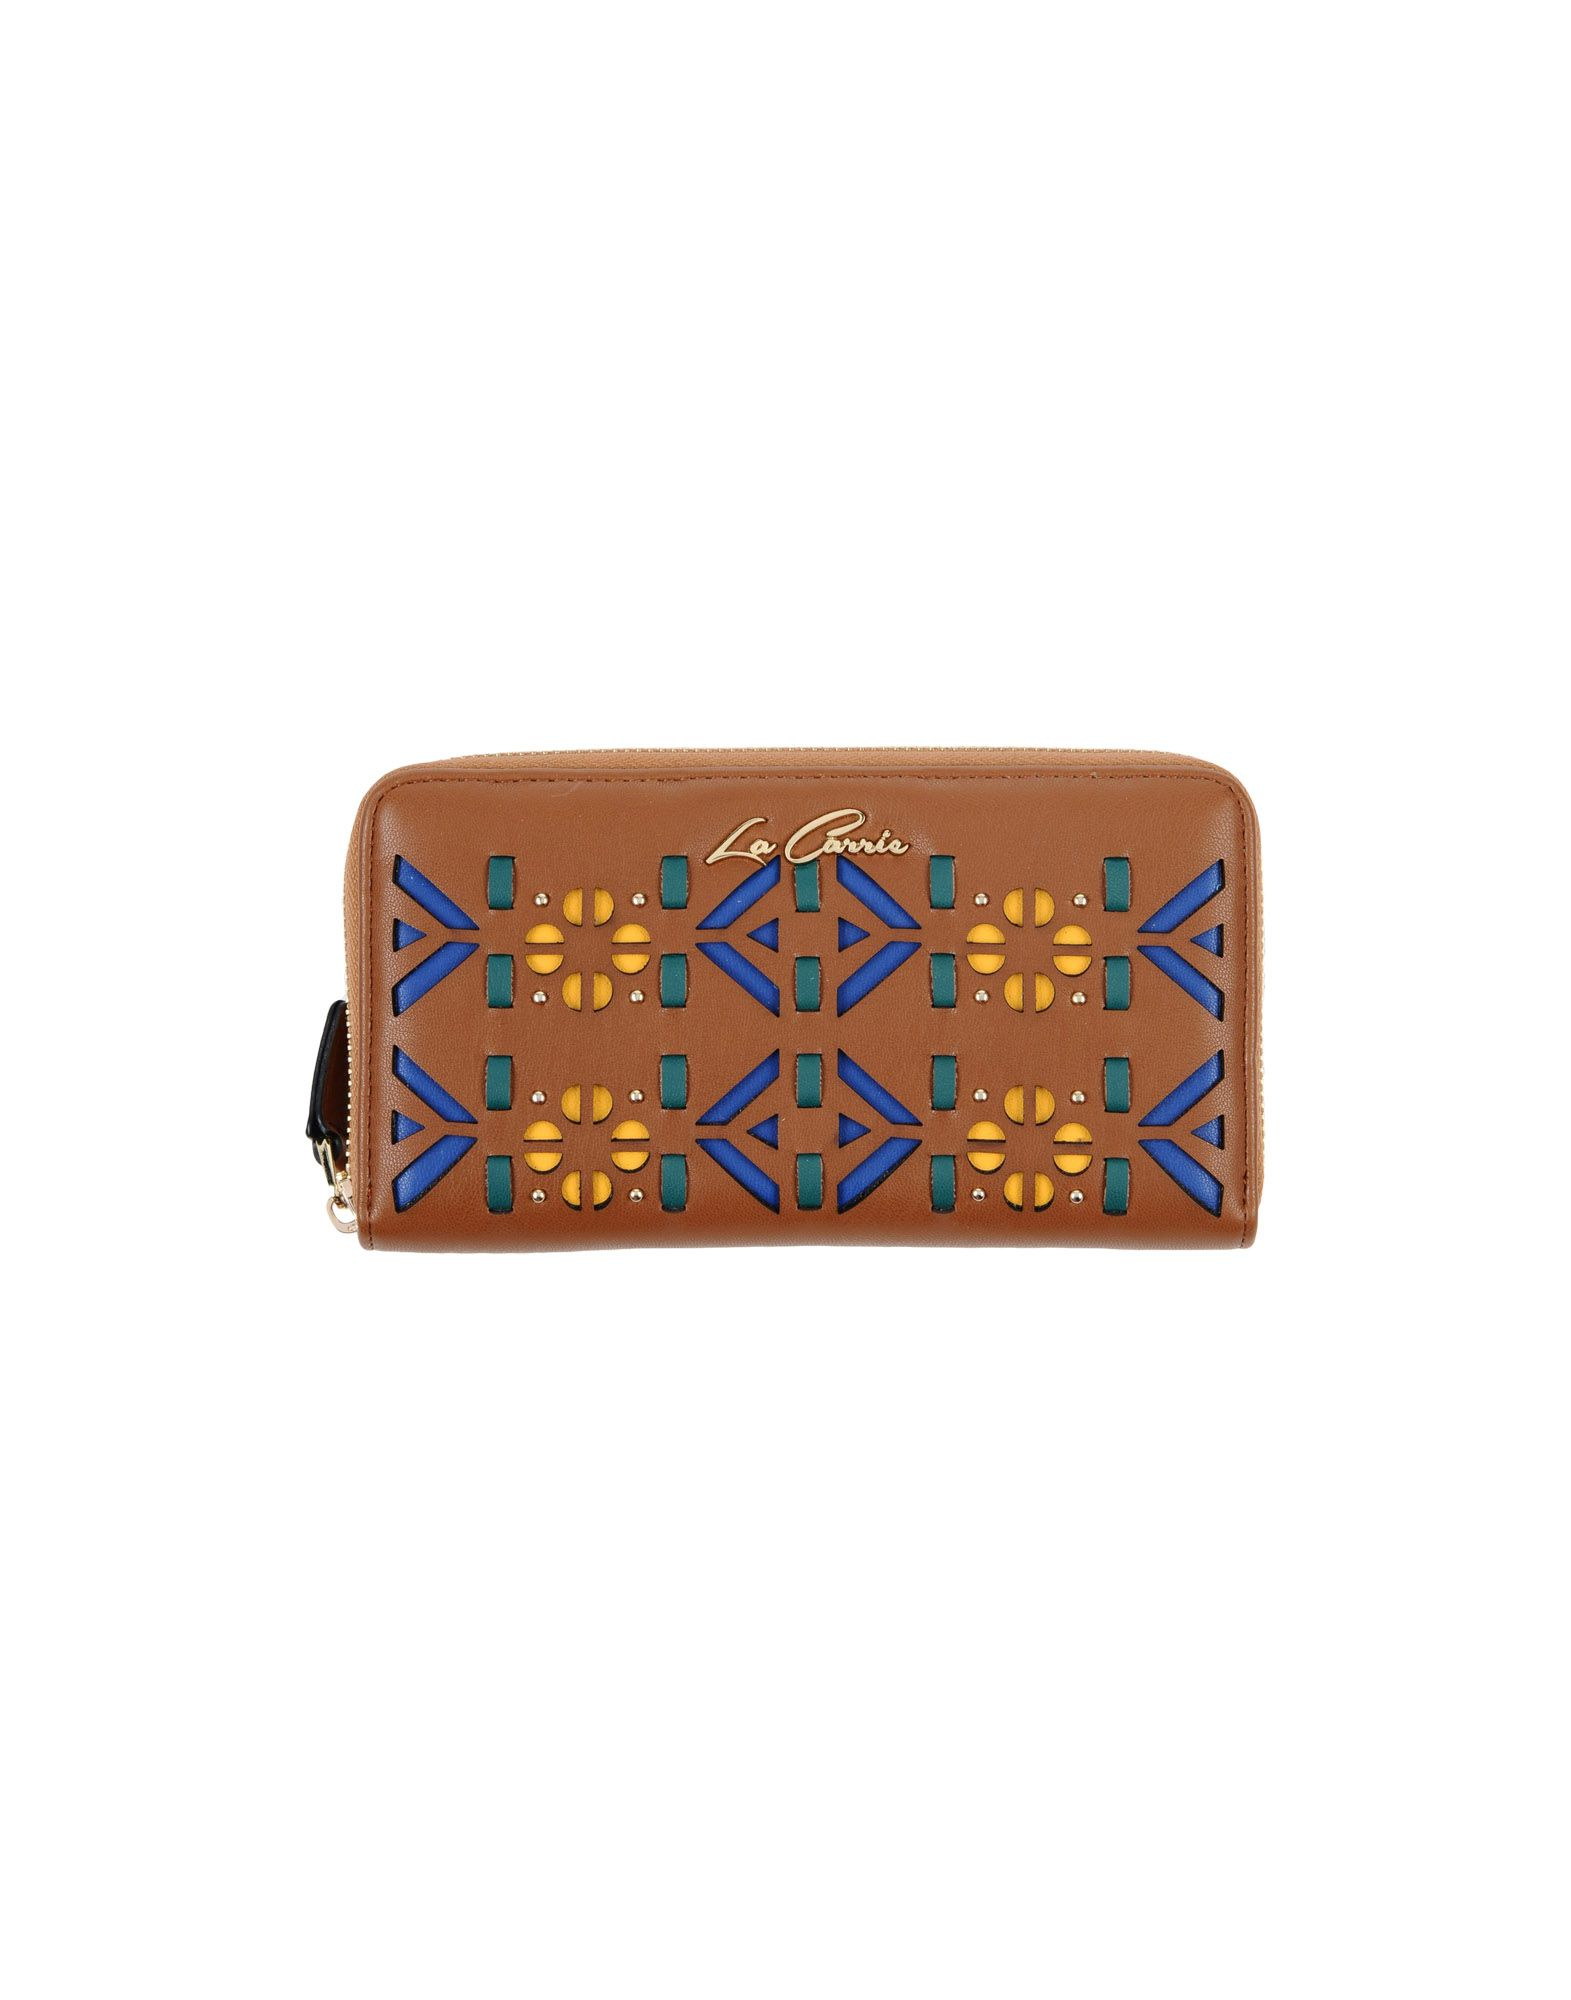 LA CARRIE BAG Wallet in Brown